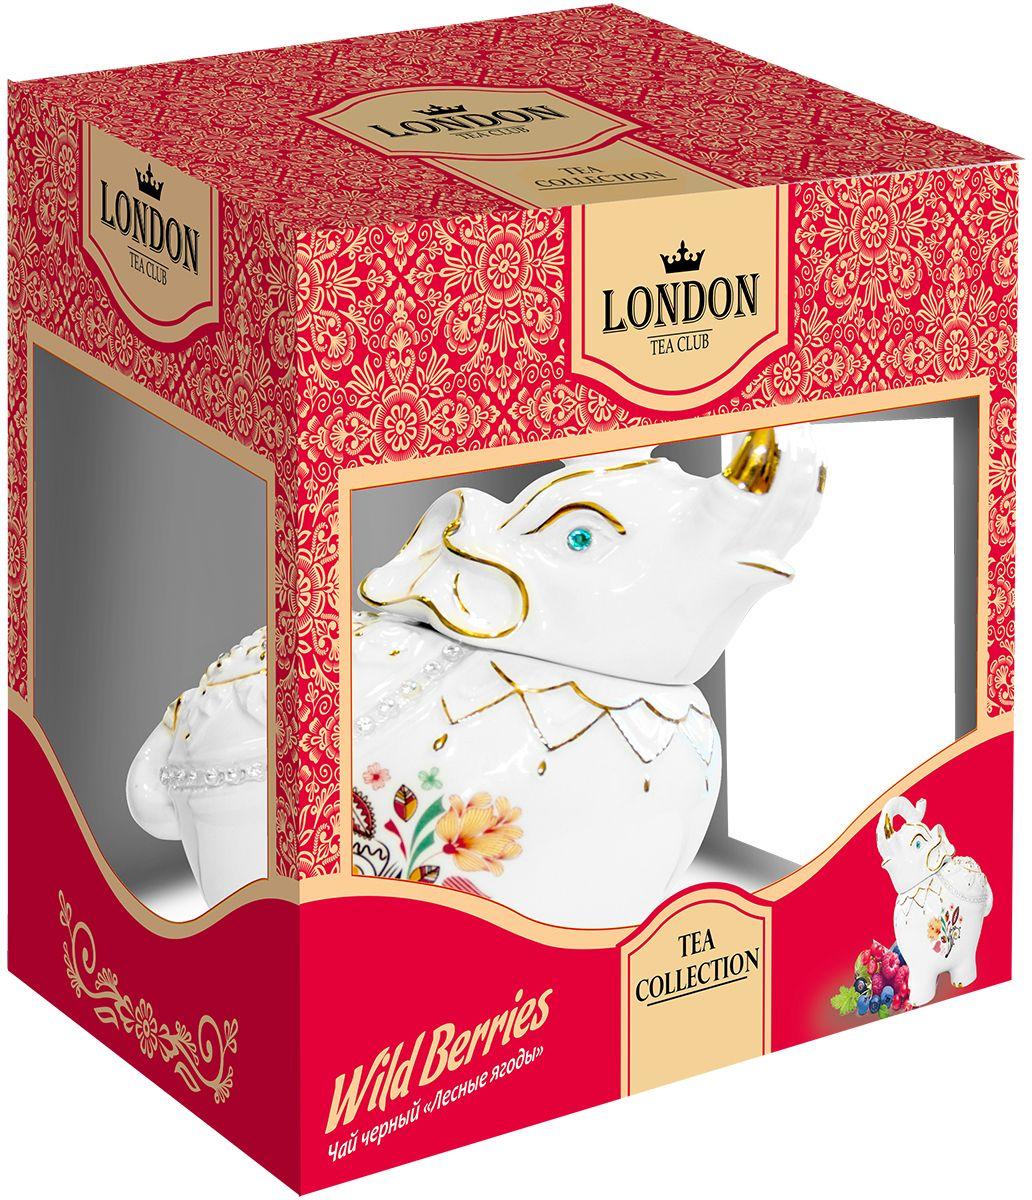 London Tea Club Лесные ягоды чай черный в чайнице, 50 г4607051542501Ароматная смесь черного чая и цельных лесных ягод, которые придают напитку особый ягодный вкус. Этот благоухающий чай создает приятное летнее настроение, прекрасно восстанавливает силы.